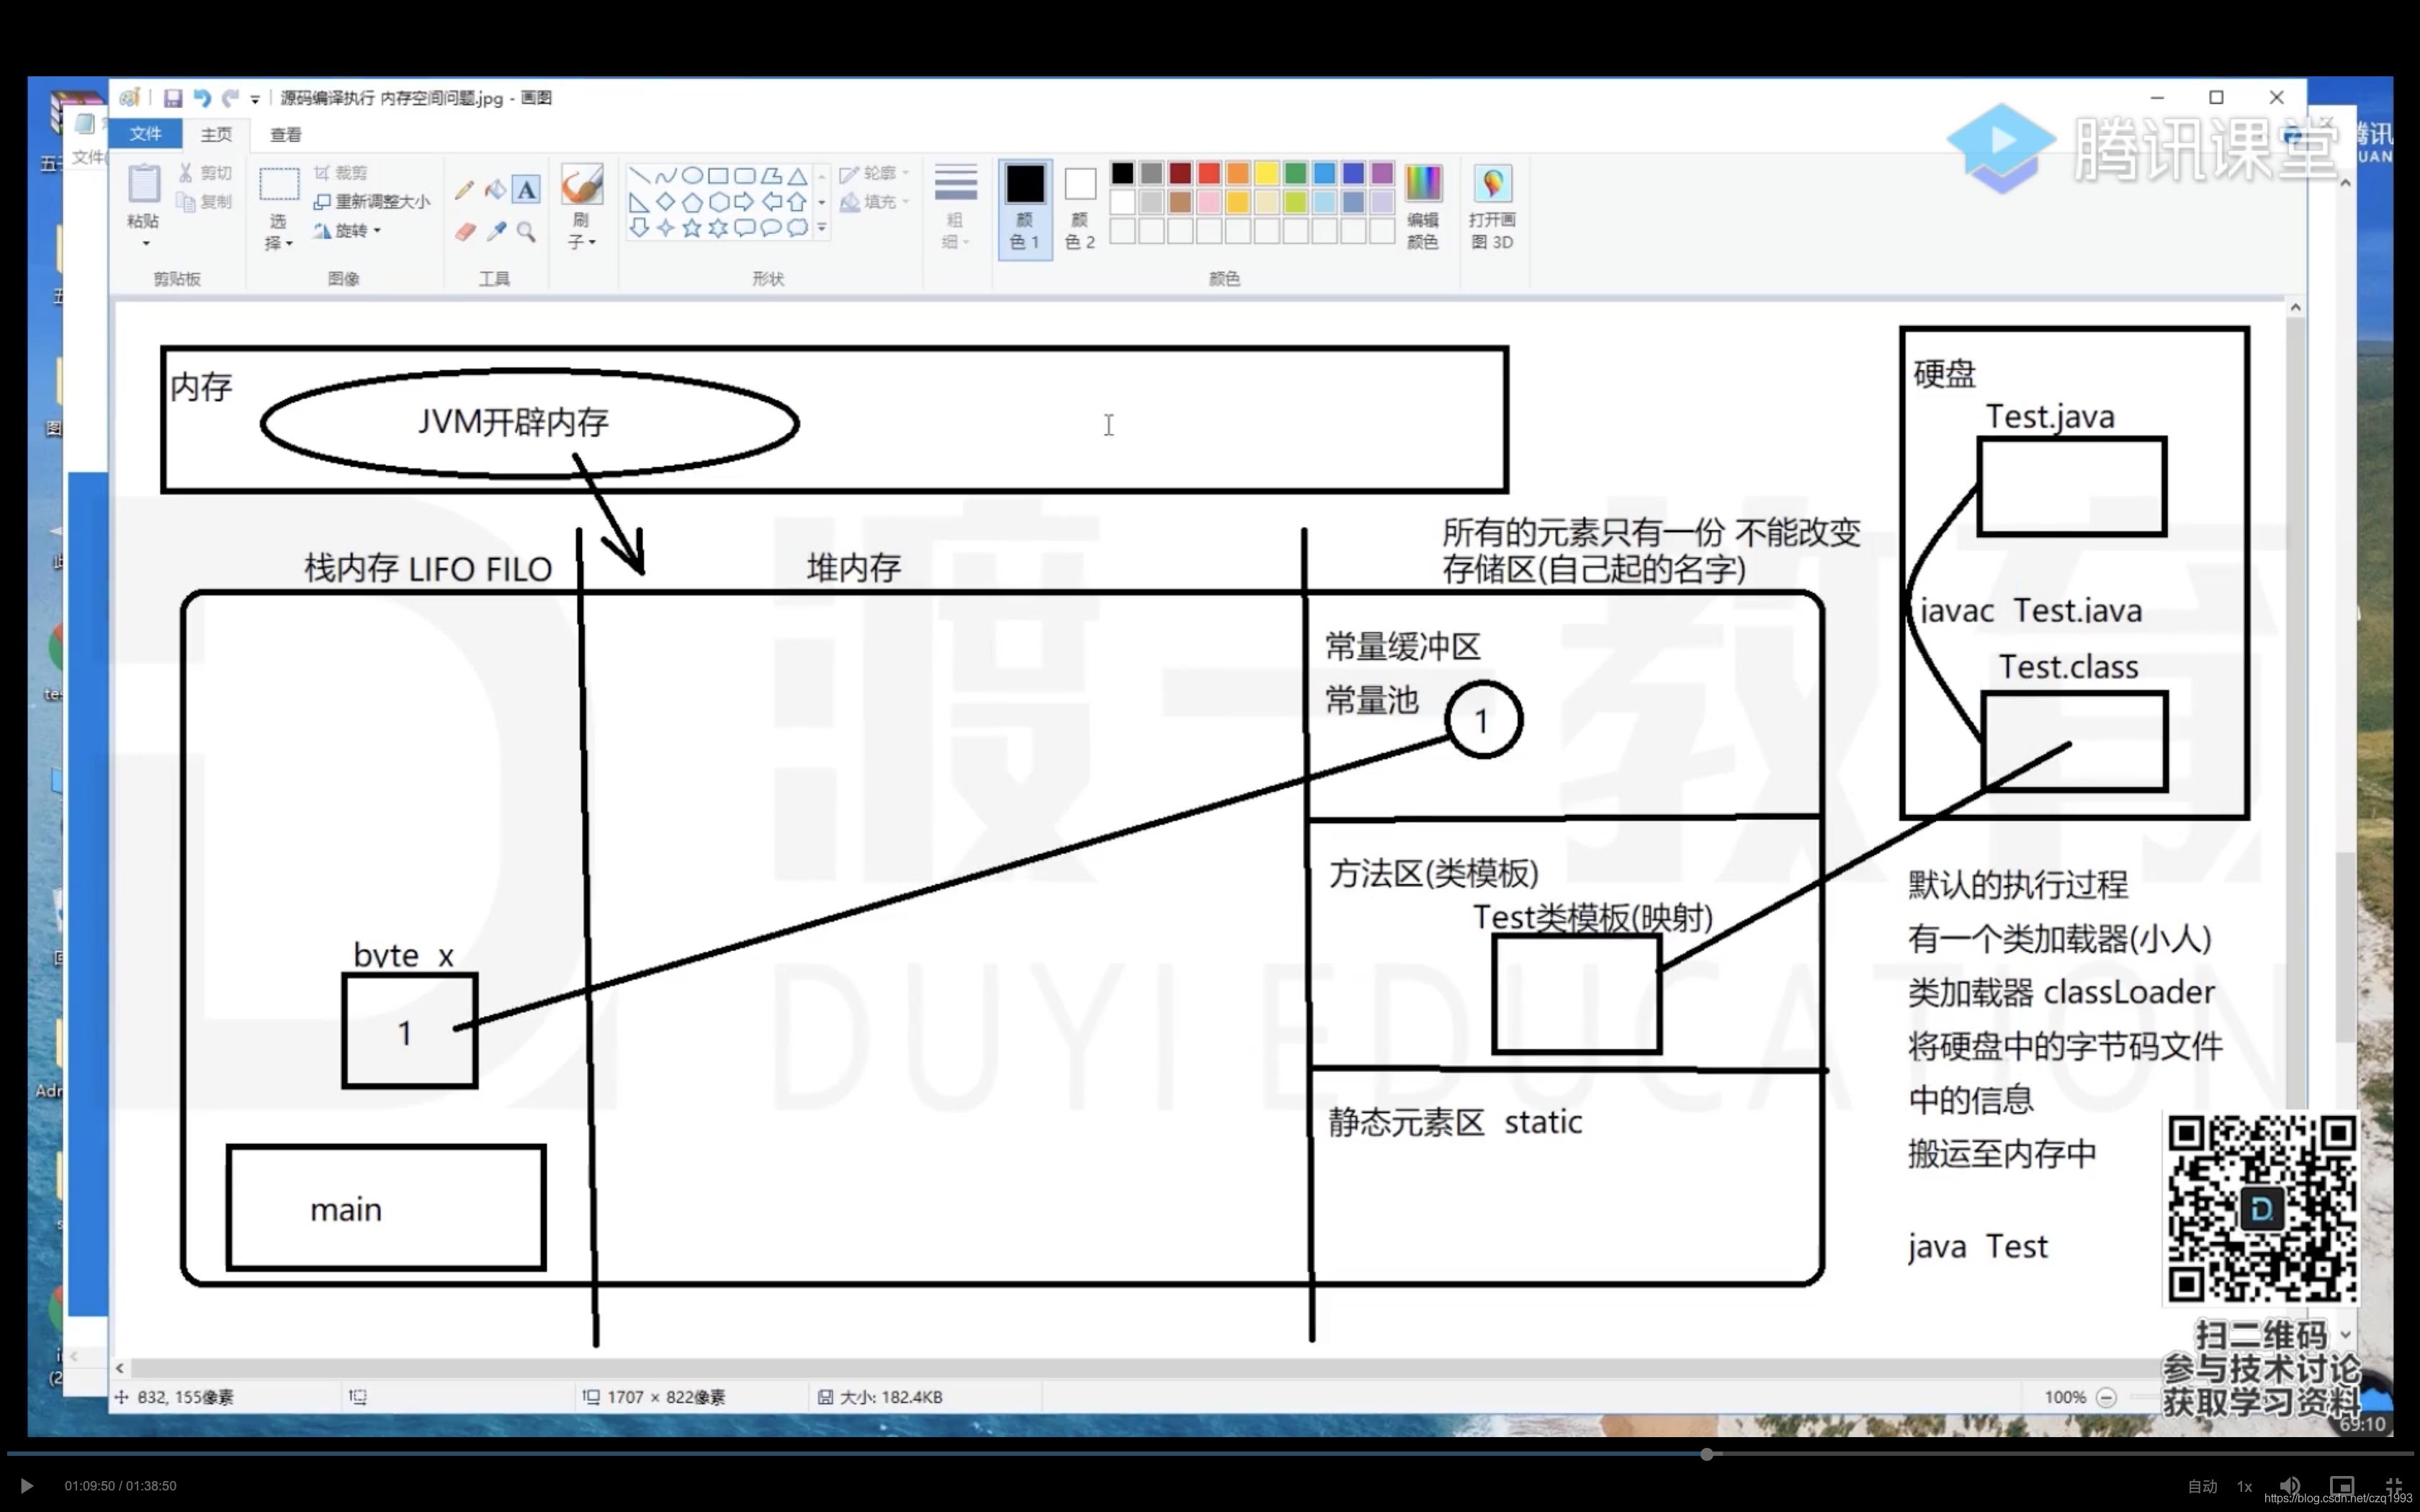 程序编译过程图示